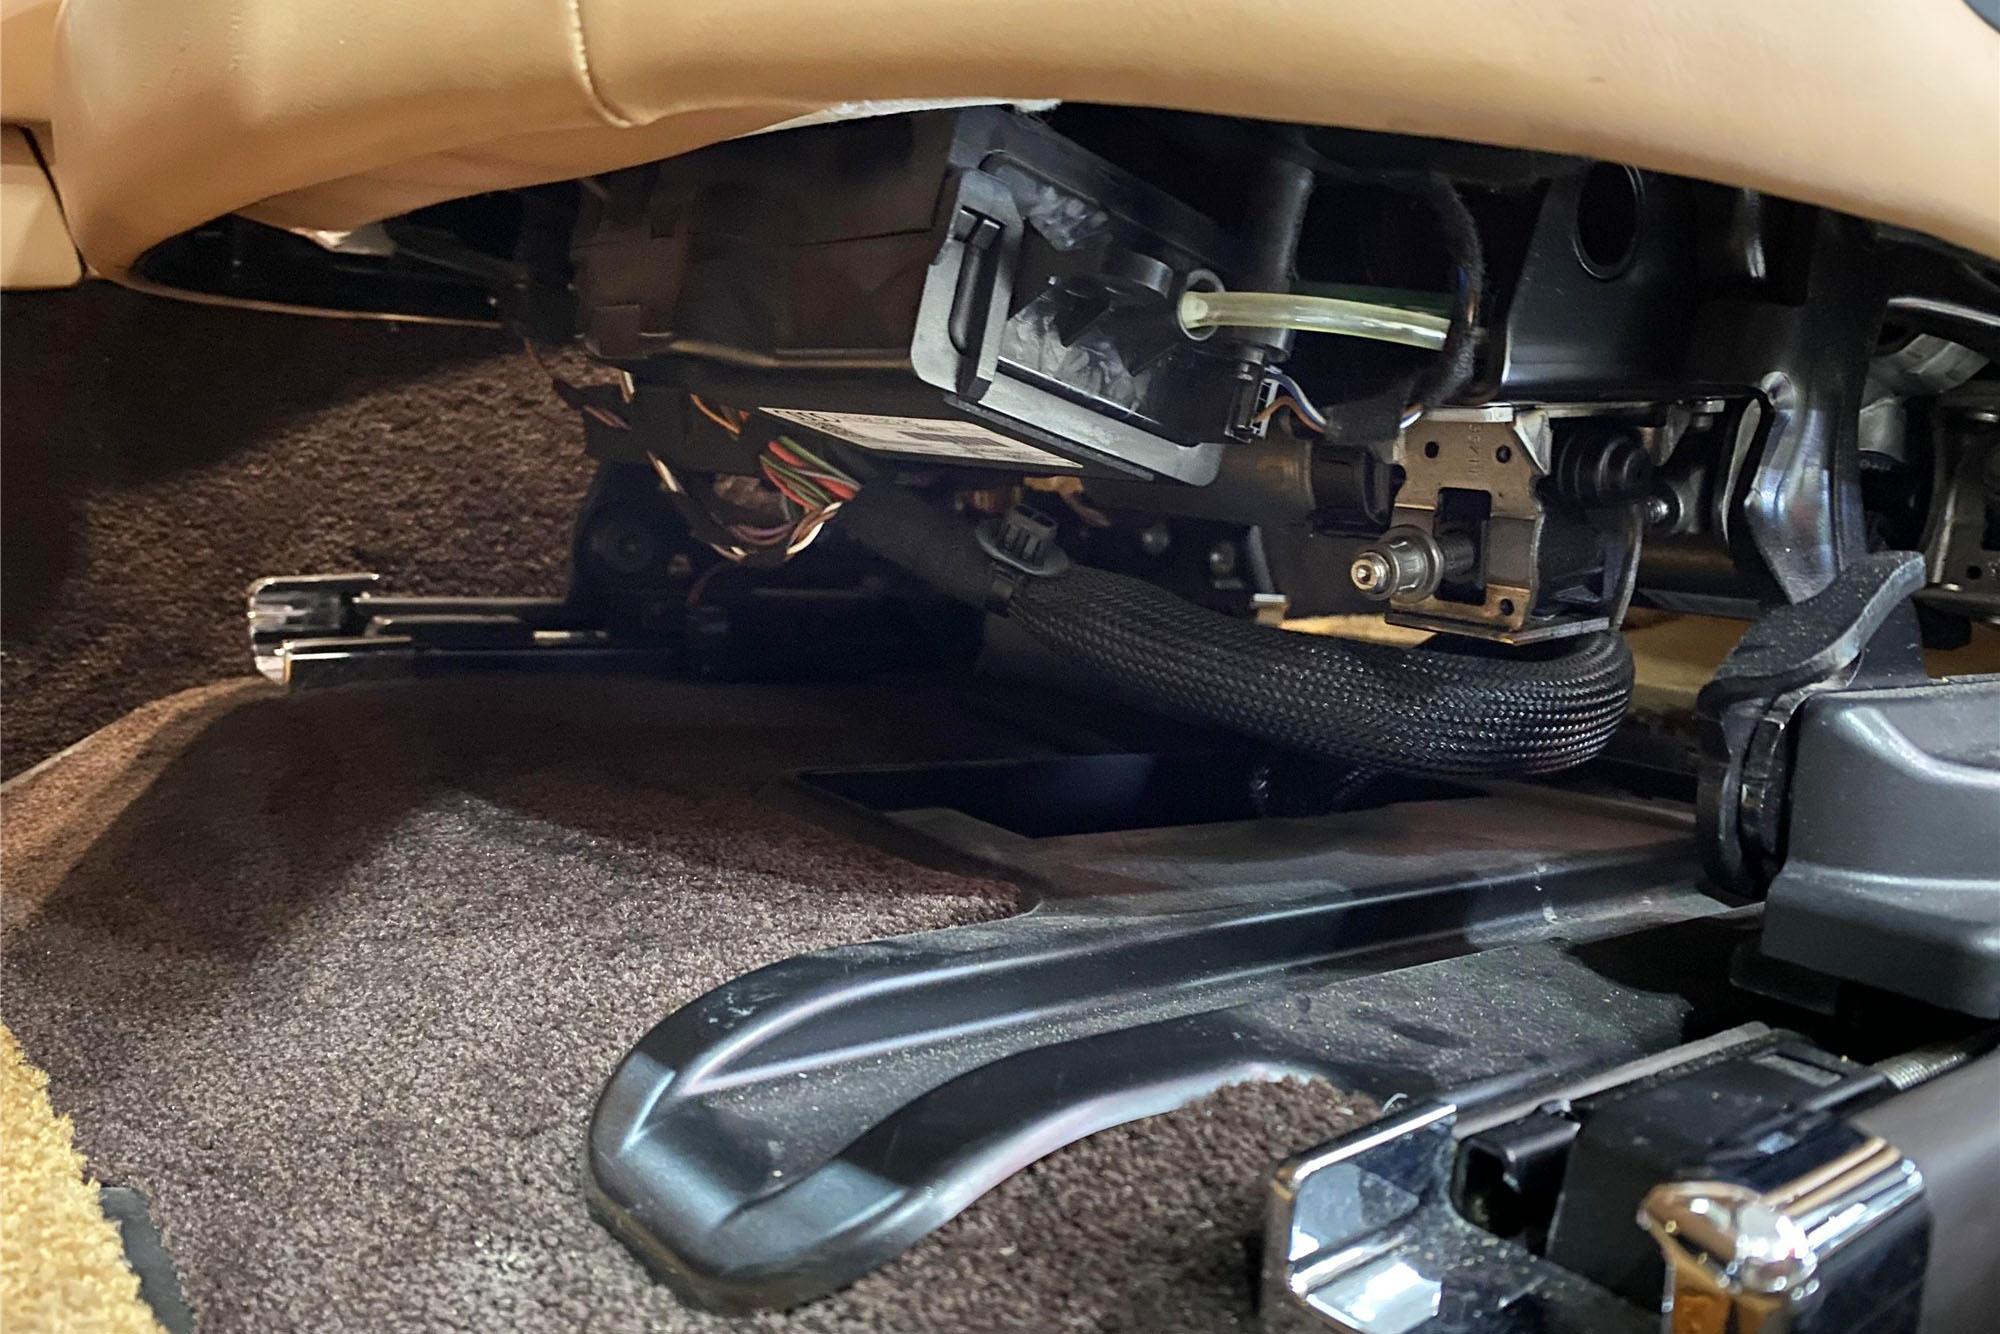 600w的宾利切割修复被说成钣金,车商偷换概念再胜一轮.慕尚检测记